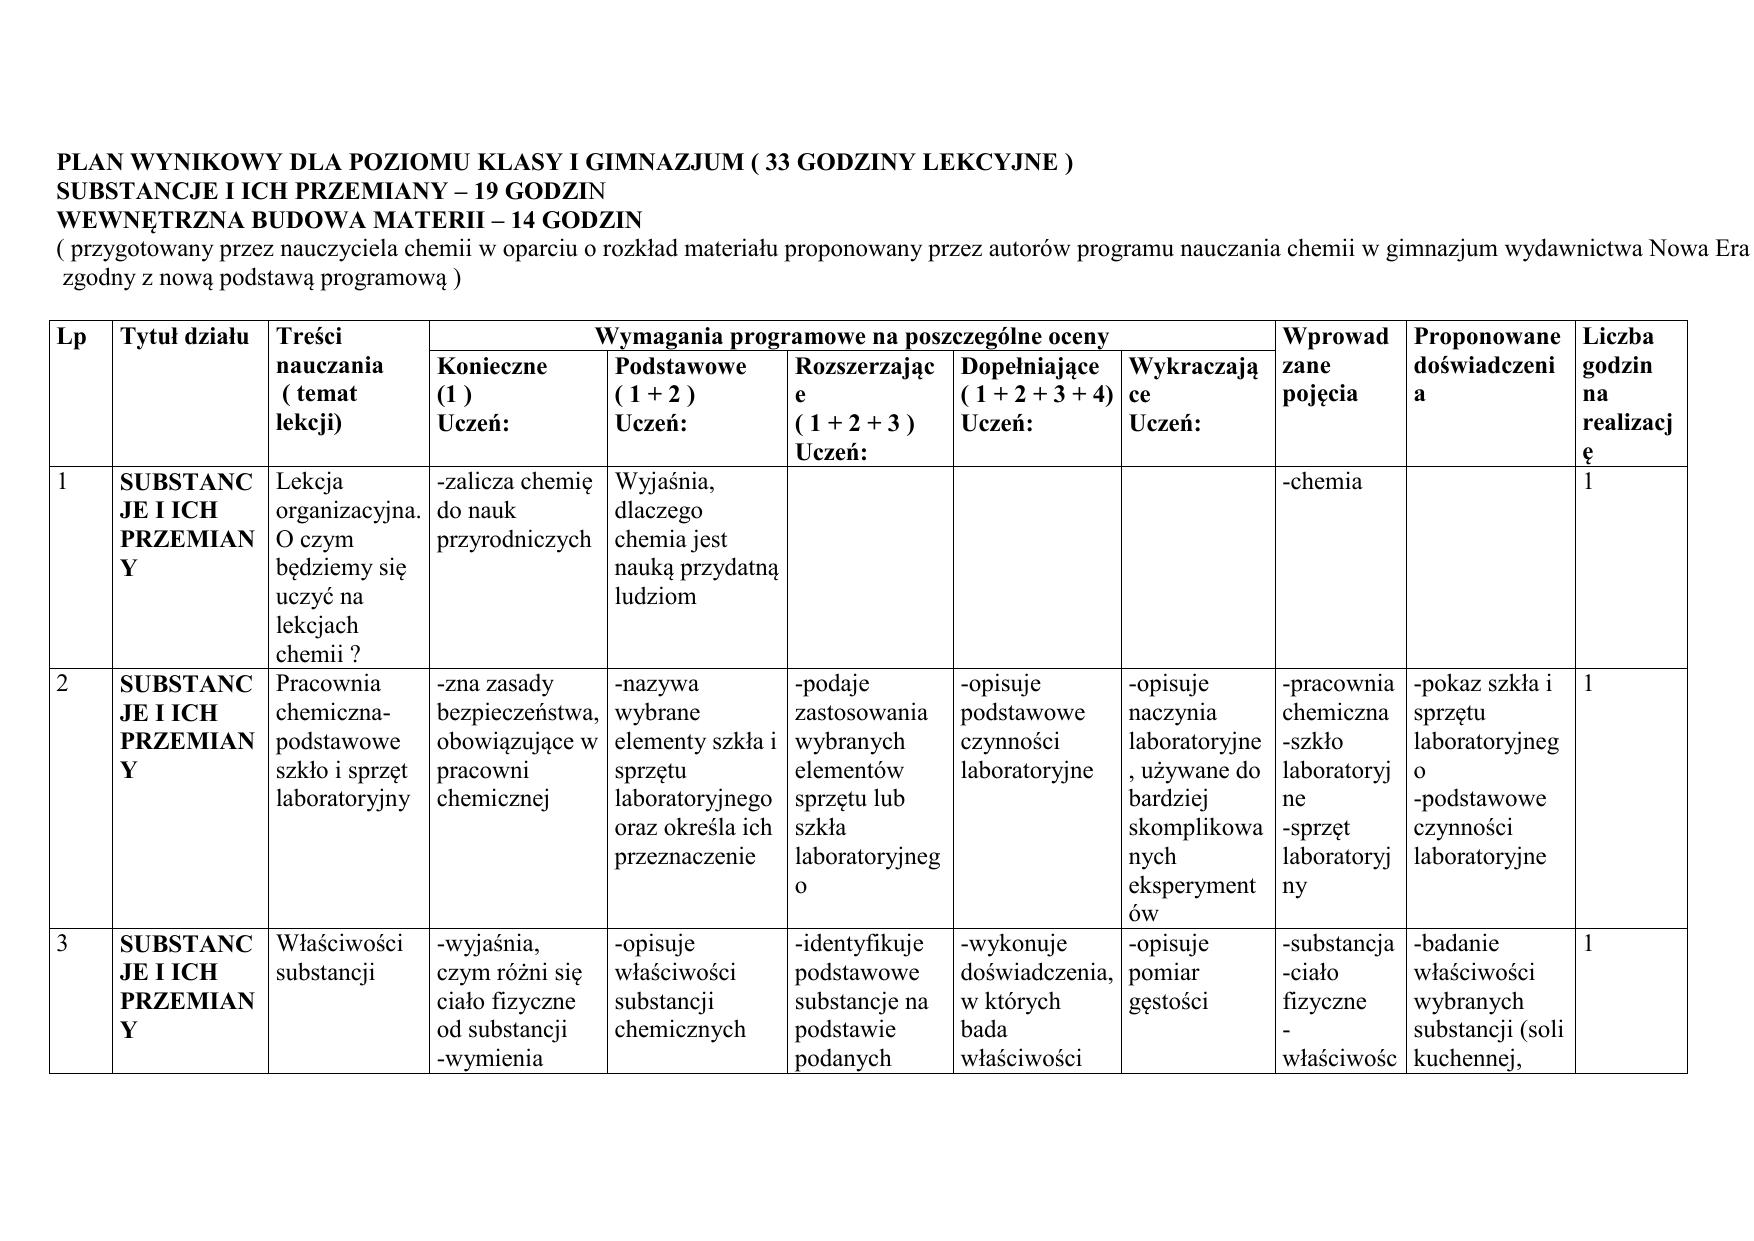 Plan Wynikowy Dla Poziomu Klasy I Gimnazjum 21 Godzin Lekcyjnych